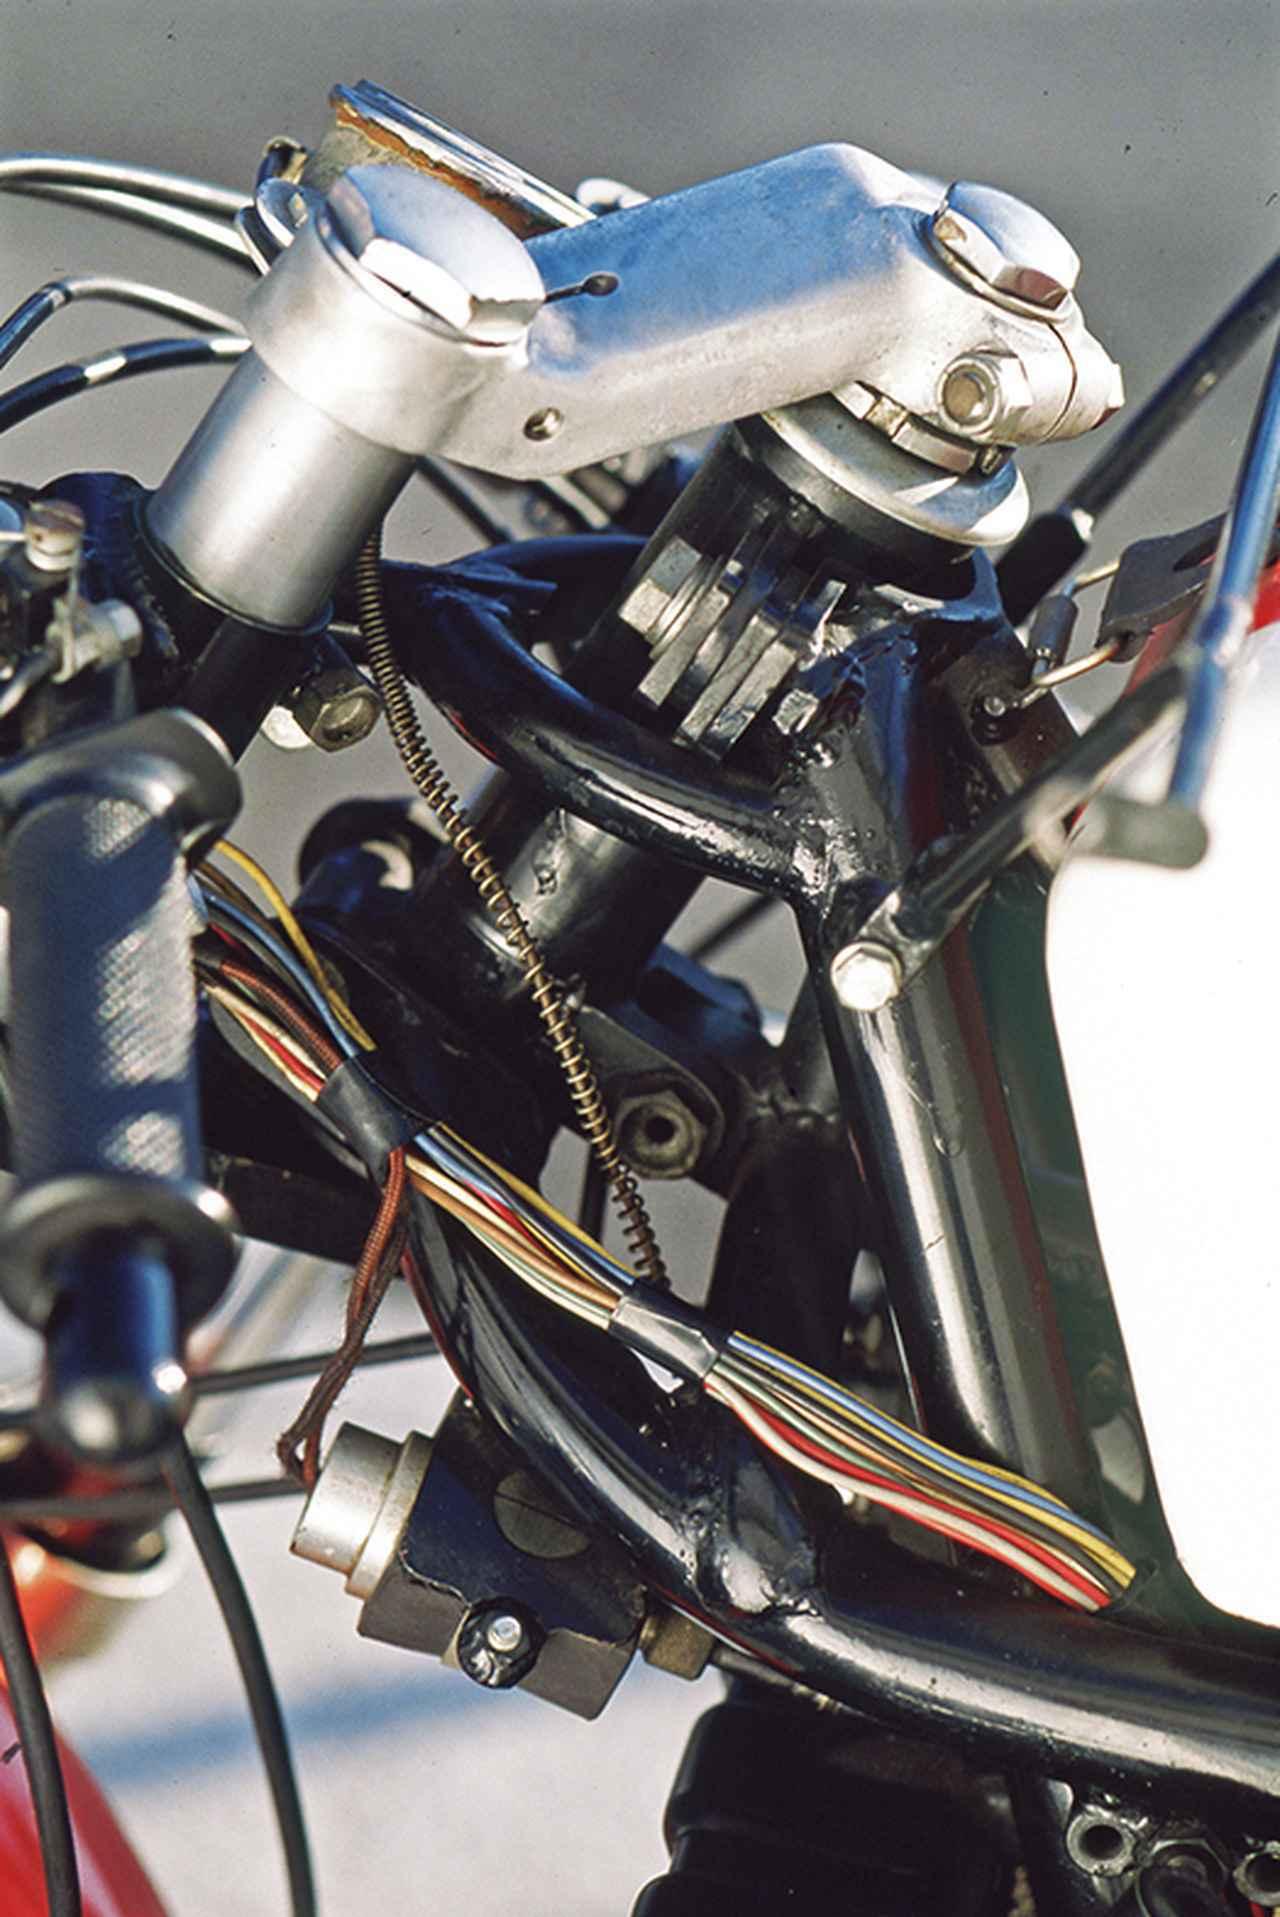 画像: フロントフォークは異様に細く、ステアリングヘッドまわりは華奢に見える。ヘッドパイプ~フレーム間のプレートの交換で、キャスター角を変更できる機構を持つ。